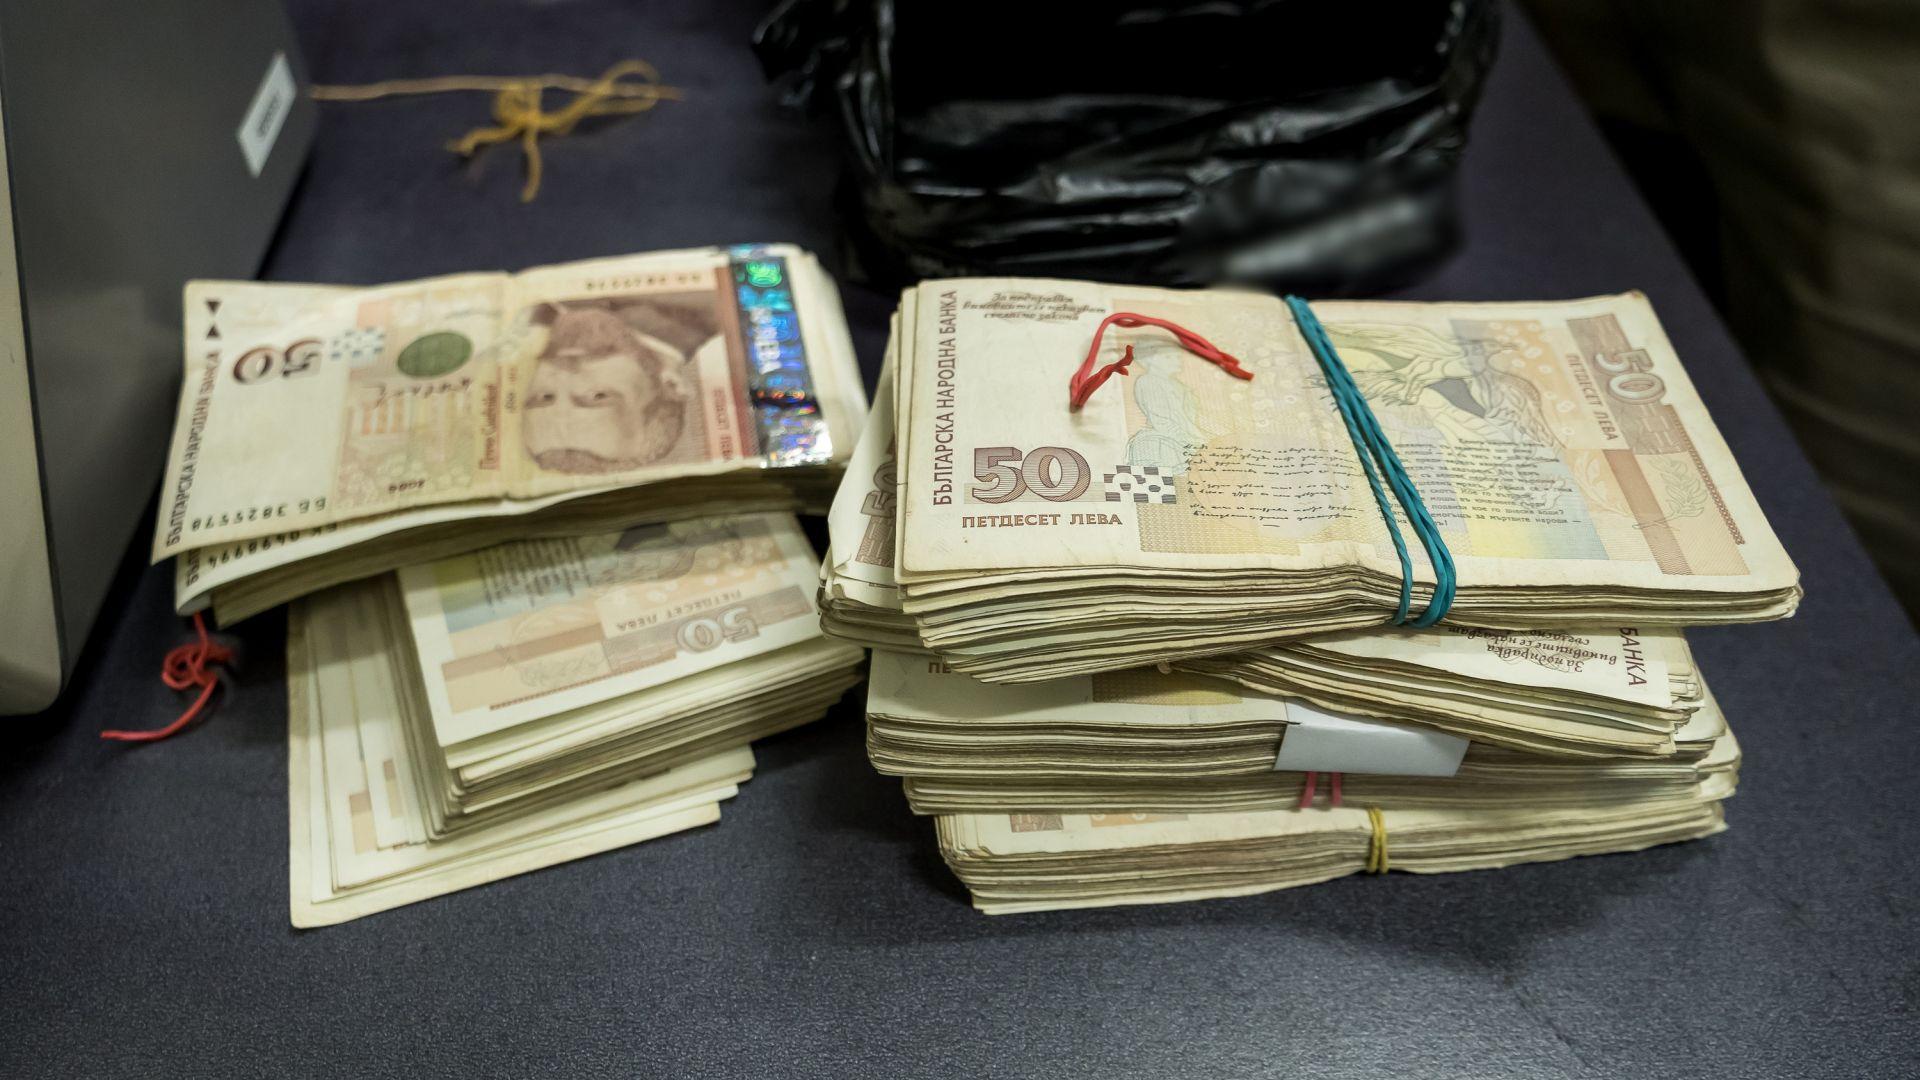 Горски инспектор върна 36 000 лева, преведени погрешка в сметката му